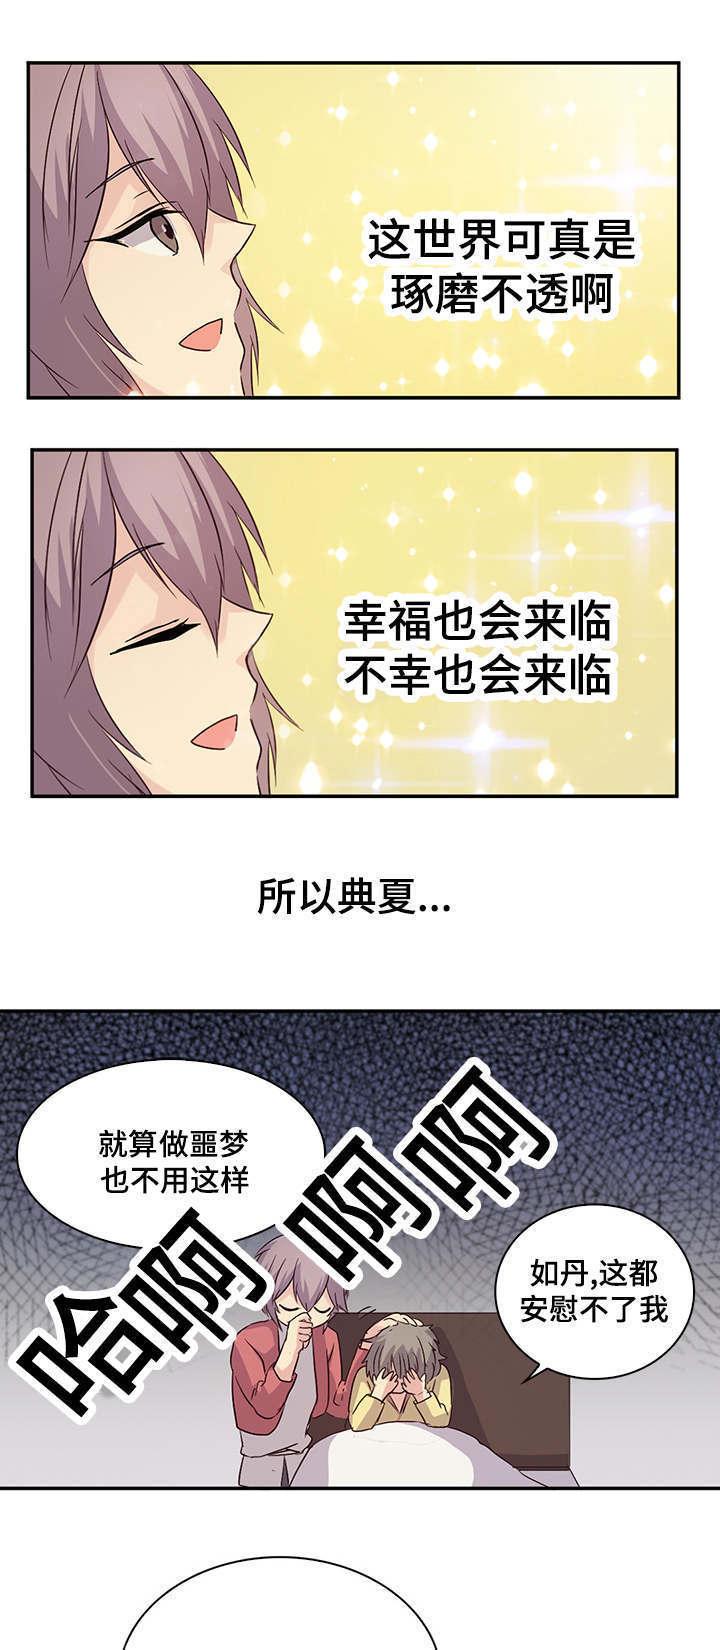 恋爱韩漫:《重生大神官》第13-15话-天狐阅读